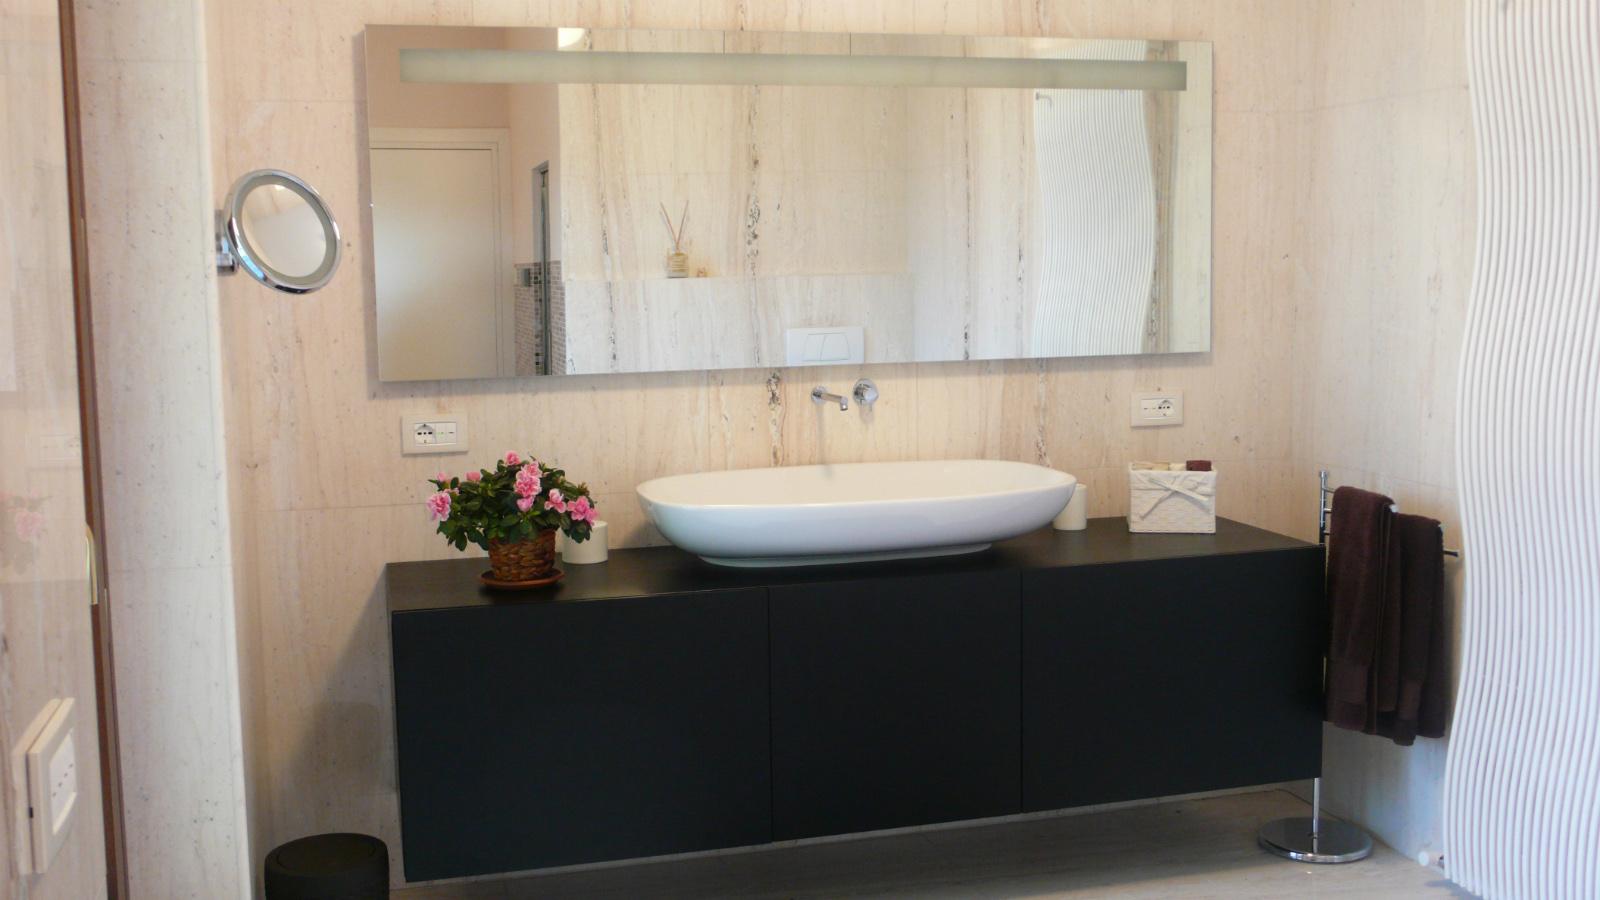 Works SintesiBagno | Progetto e Realizzazione Arredobagno | Bagno Luxory